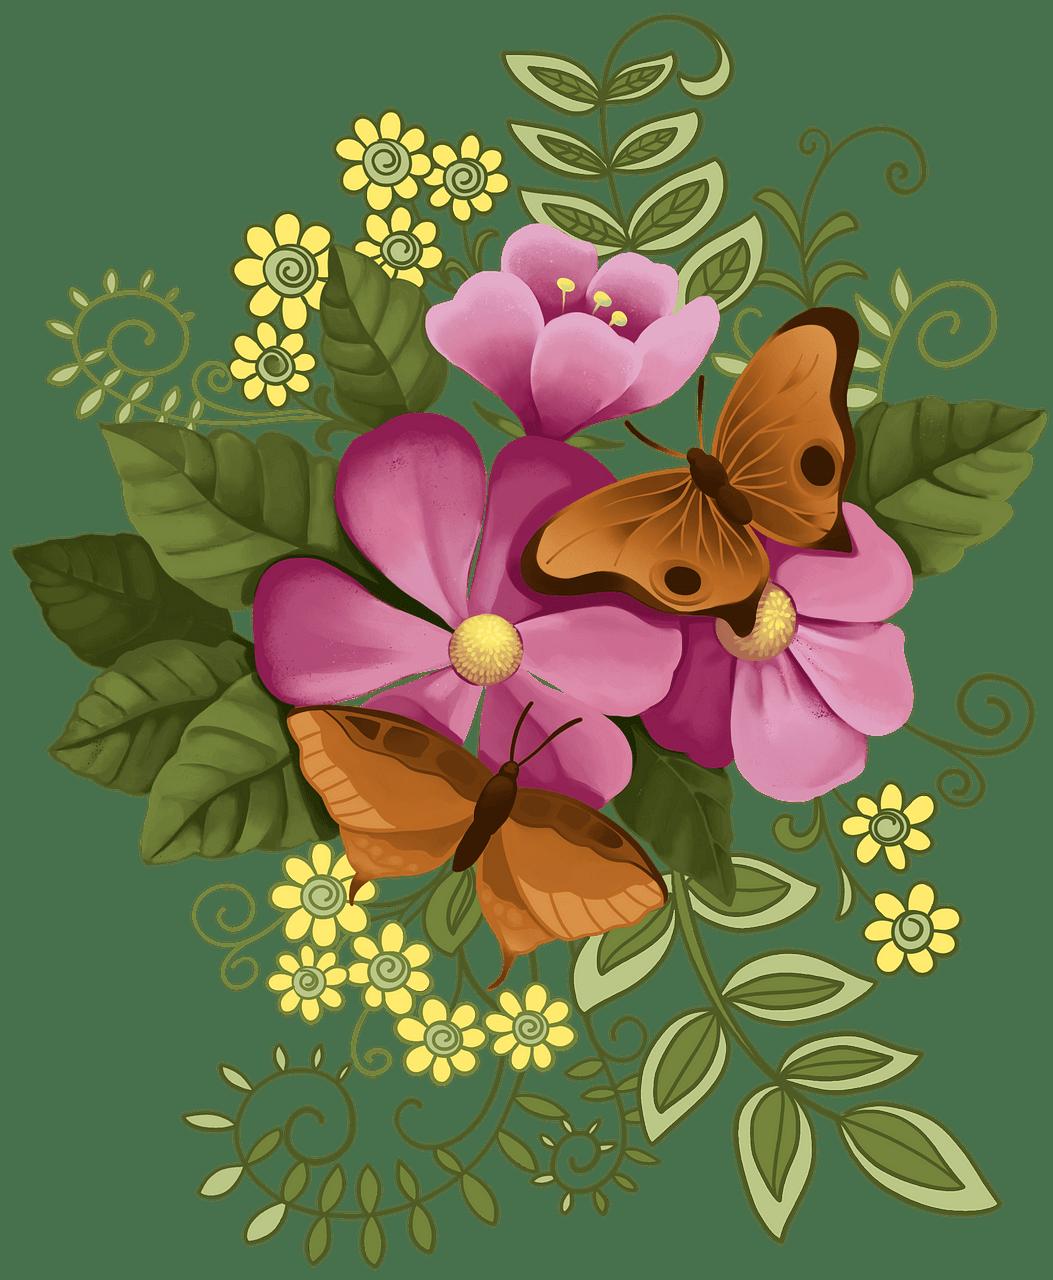 Blomster og sommerfugle. Gratis download..